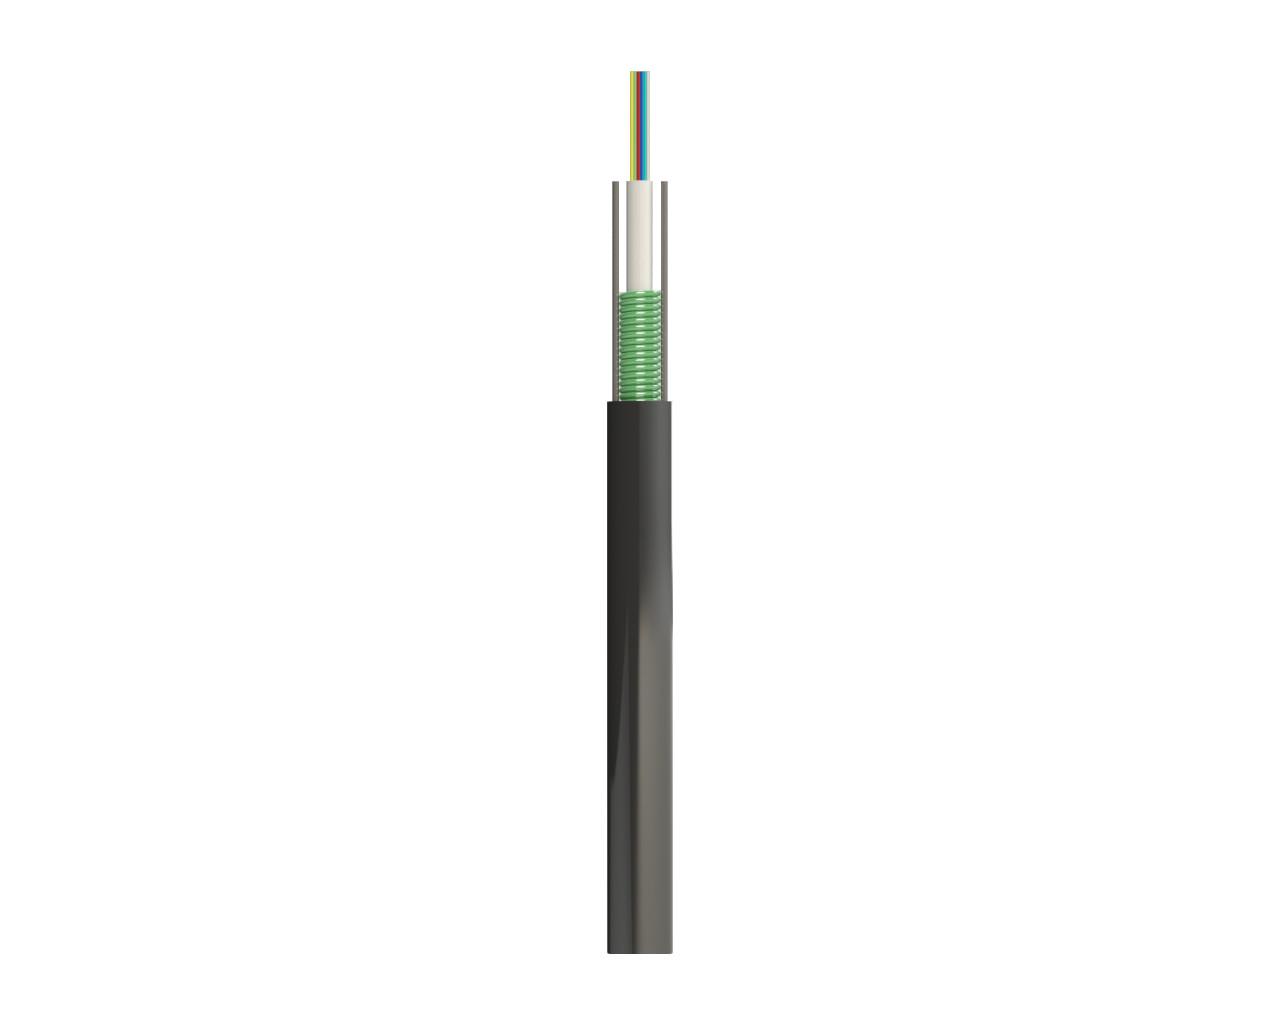 ОКТБг-М(2,7)П-3*12Е1-0,40Ф3,5/0,30Н19-36 брон каб с центр-расп трубкой для прокл в каб кан и грунтах всех кат